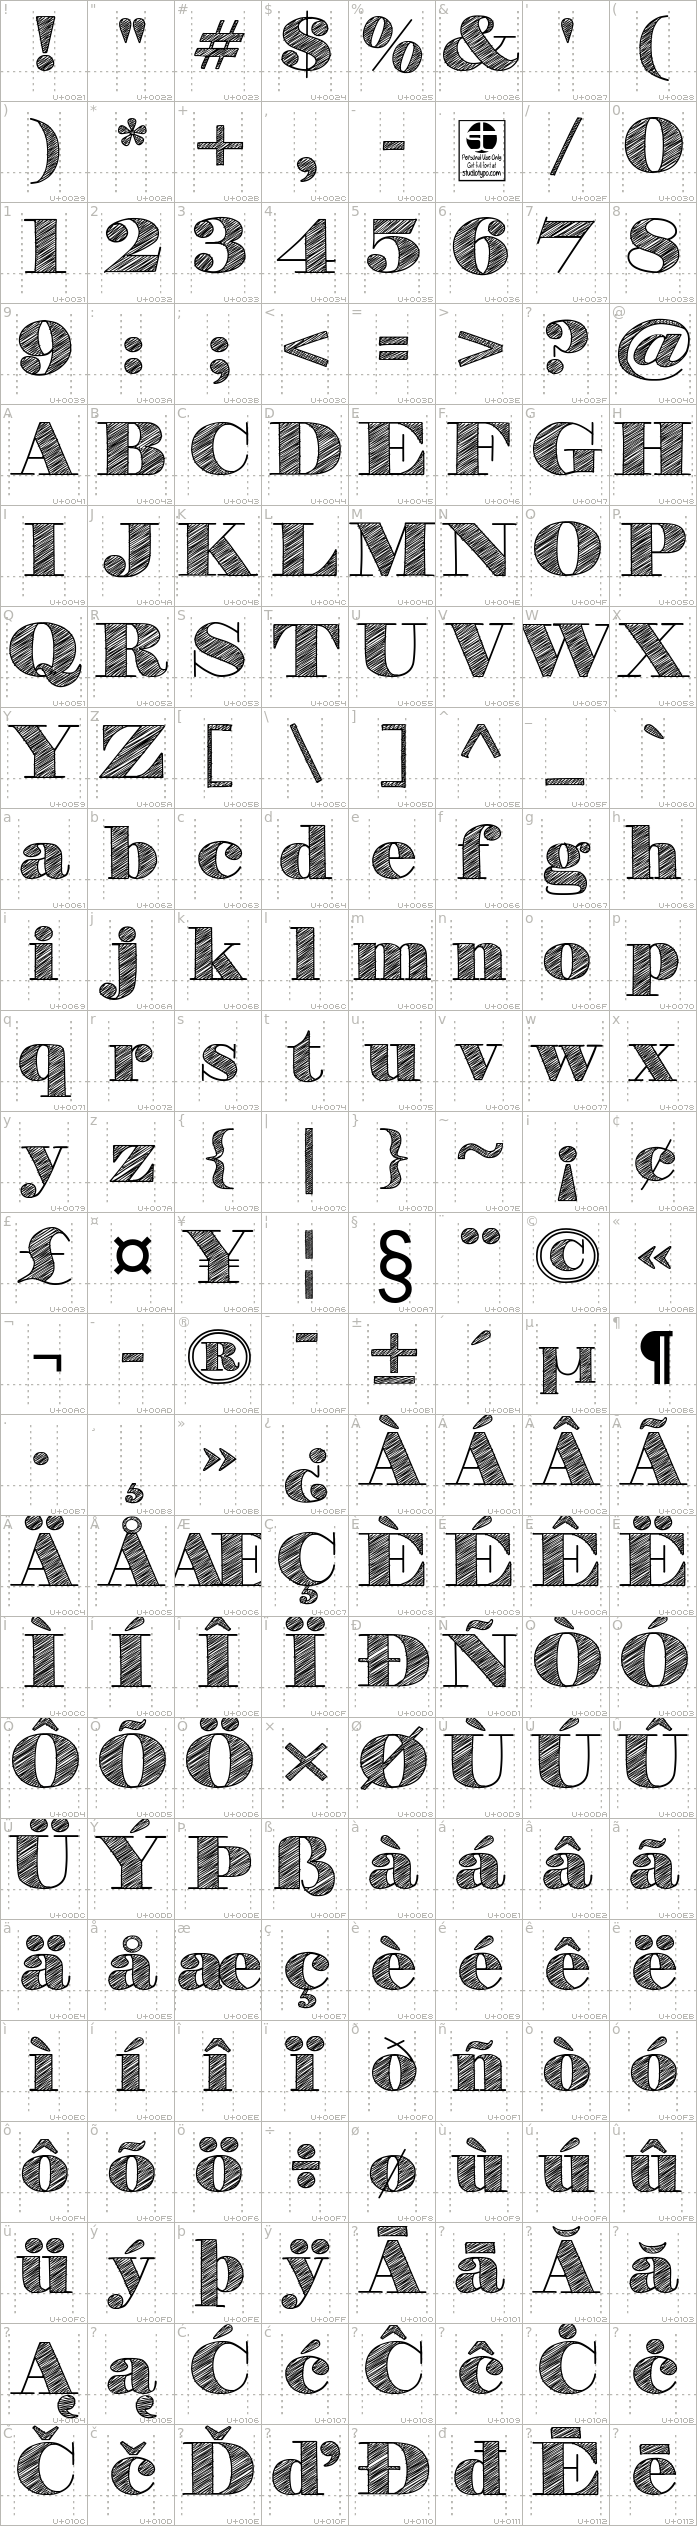 h-b-sketch-demo.regular.character-map-1